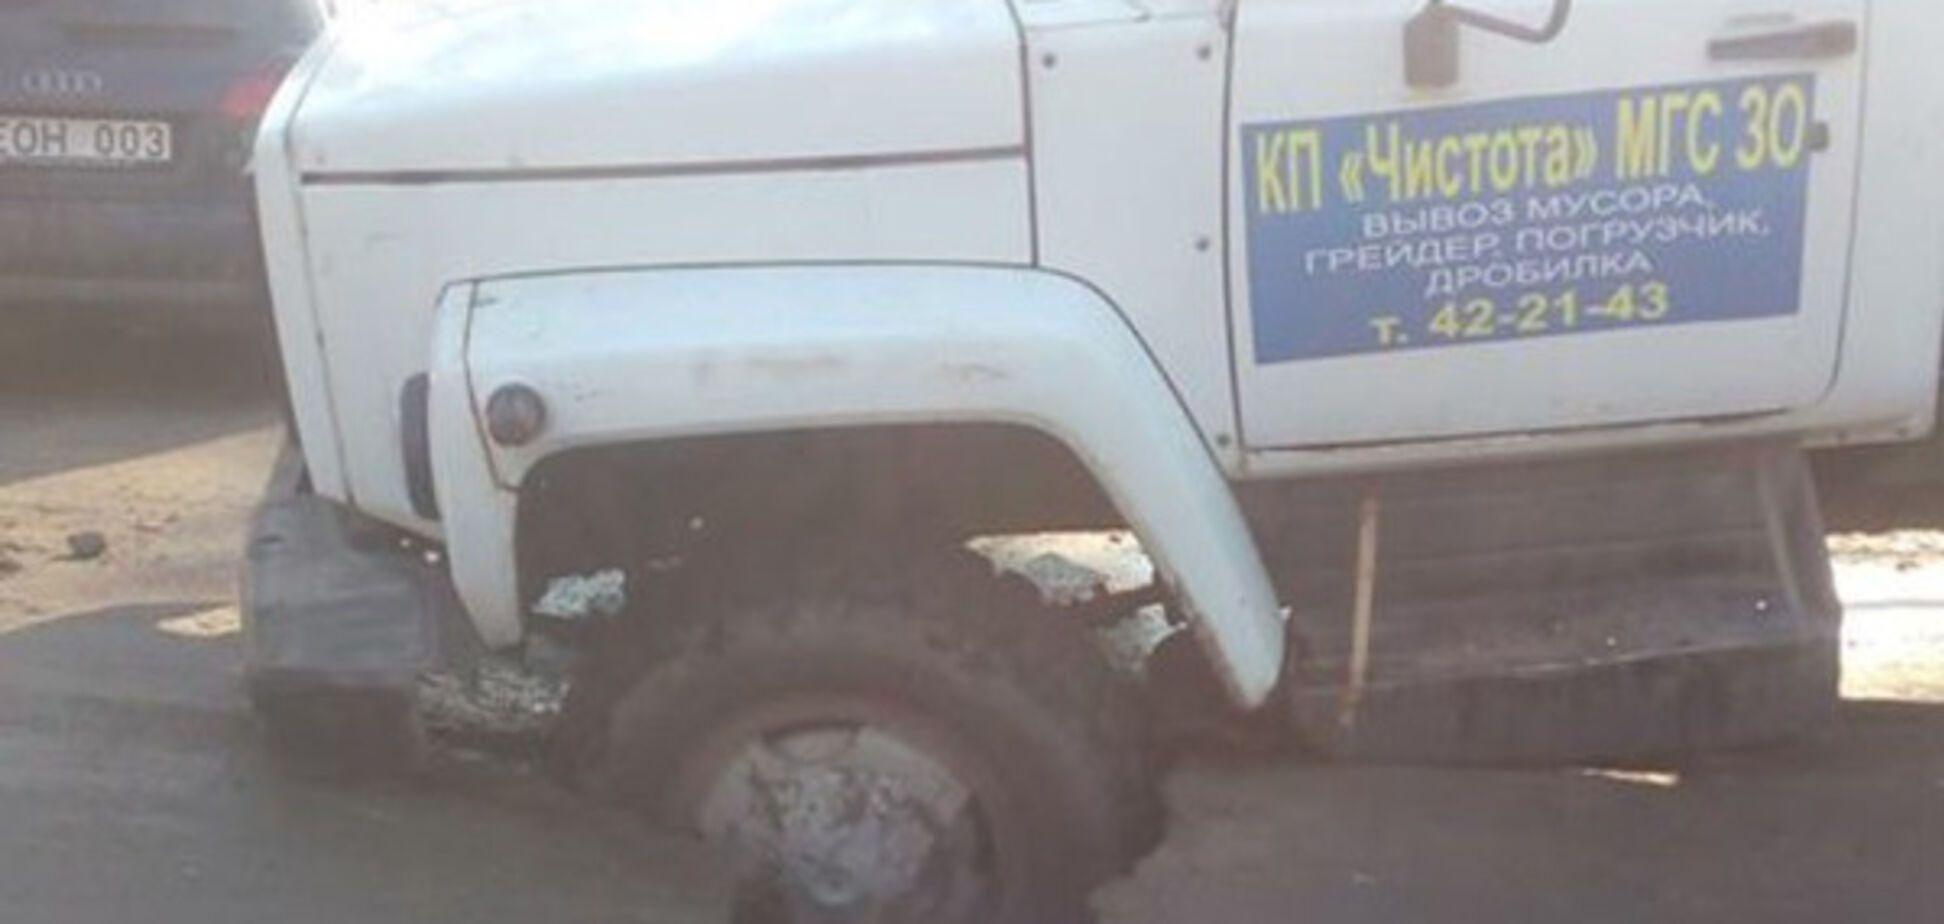 Ирония судьбы: в области грузовик коммунальщиков стал жертвой огромной ямы на дороге (ФОТО)